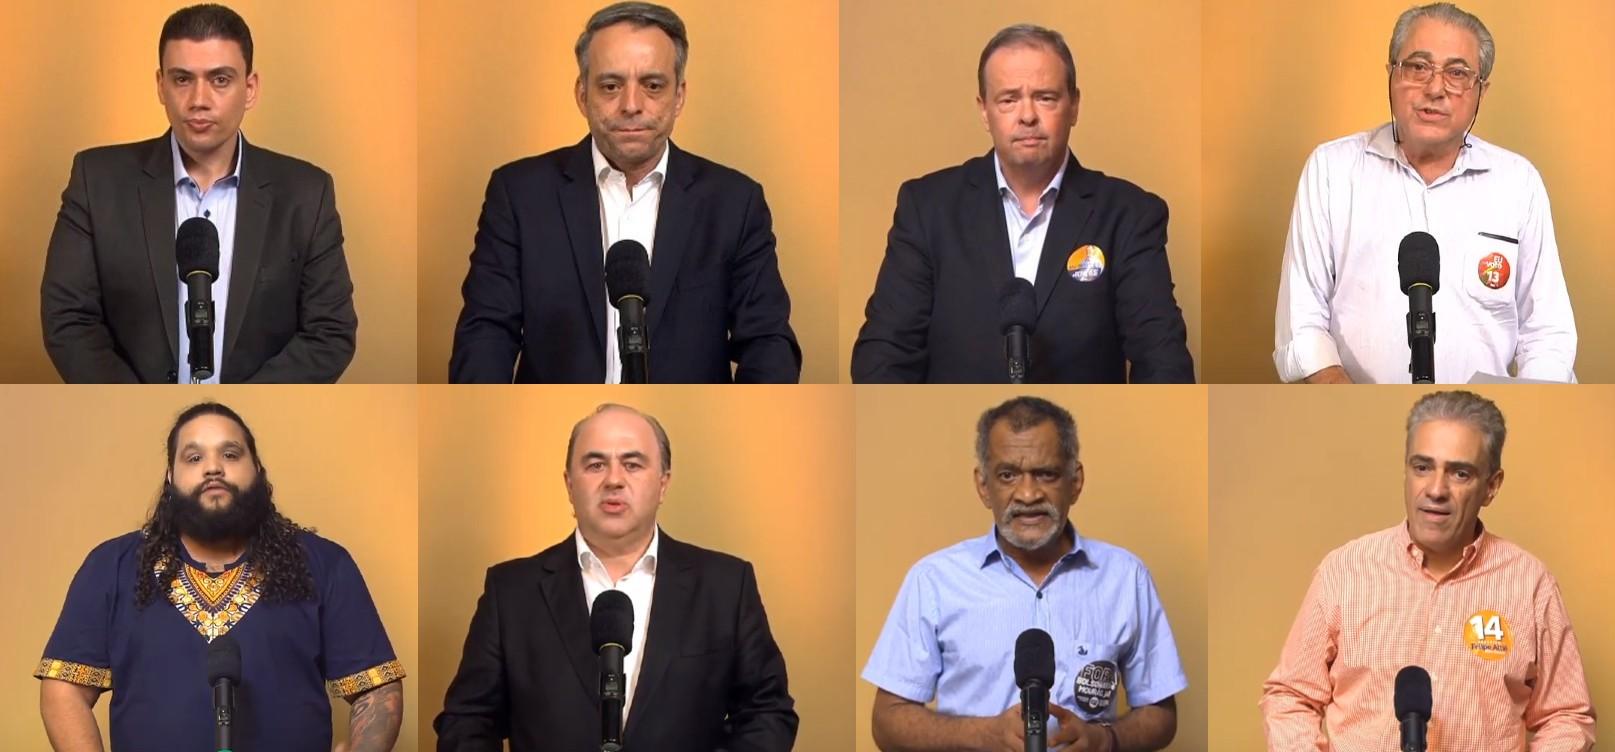 Debate à Prefeitura de Uberlândia reúne oito candidatos